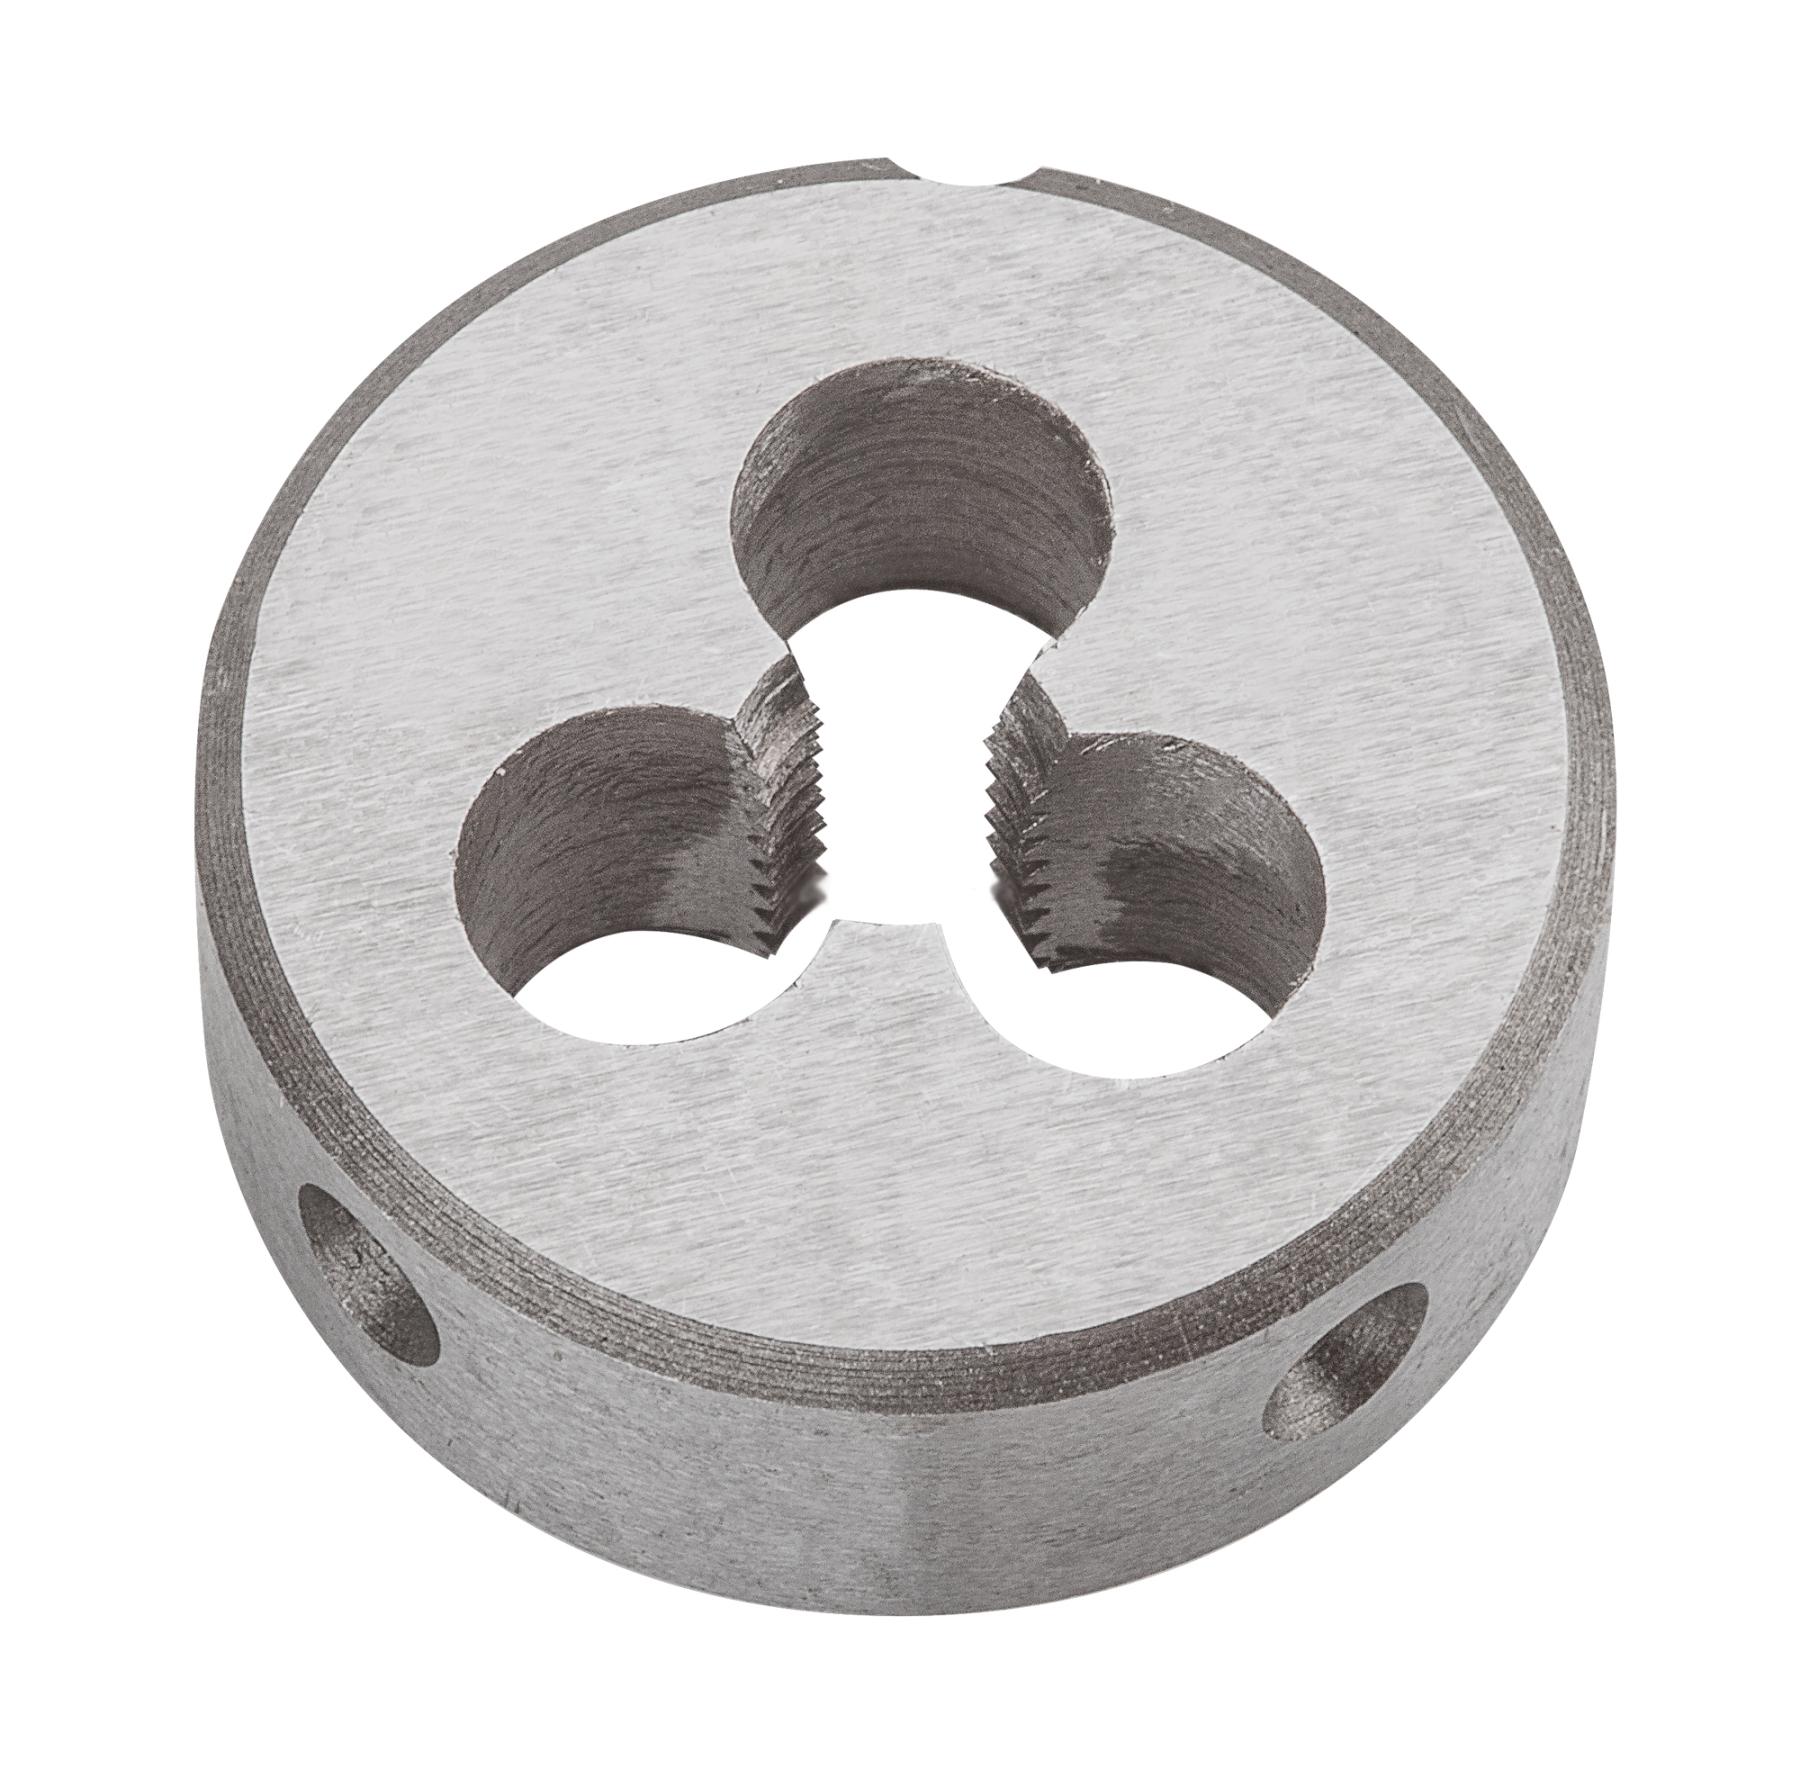 Плашка вольфрамовая Topex, М5, 25 х 9 мм09-051Плашки вольфрамовые Торех используются для нарезания метрической резьбы. Характеристики: Материал: металл. Шаг резьбы: М5. Размеры плашки: 2,5 см х 0,9 см. Размеры упаковки:9 см х 5 см х 1,5 см.